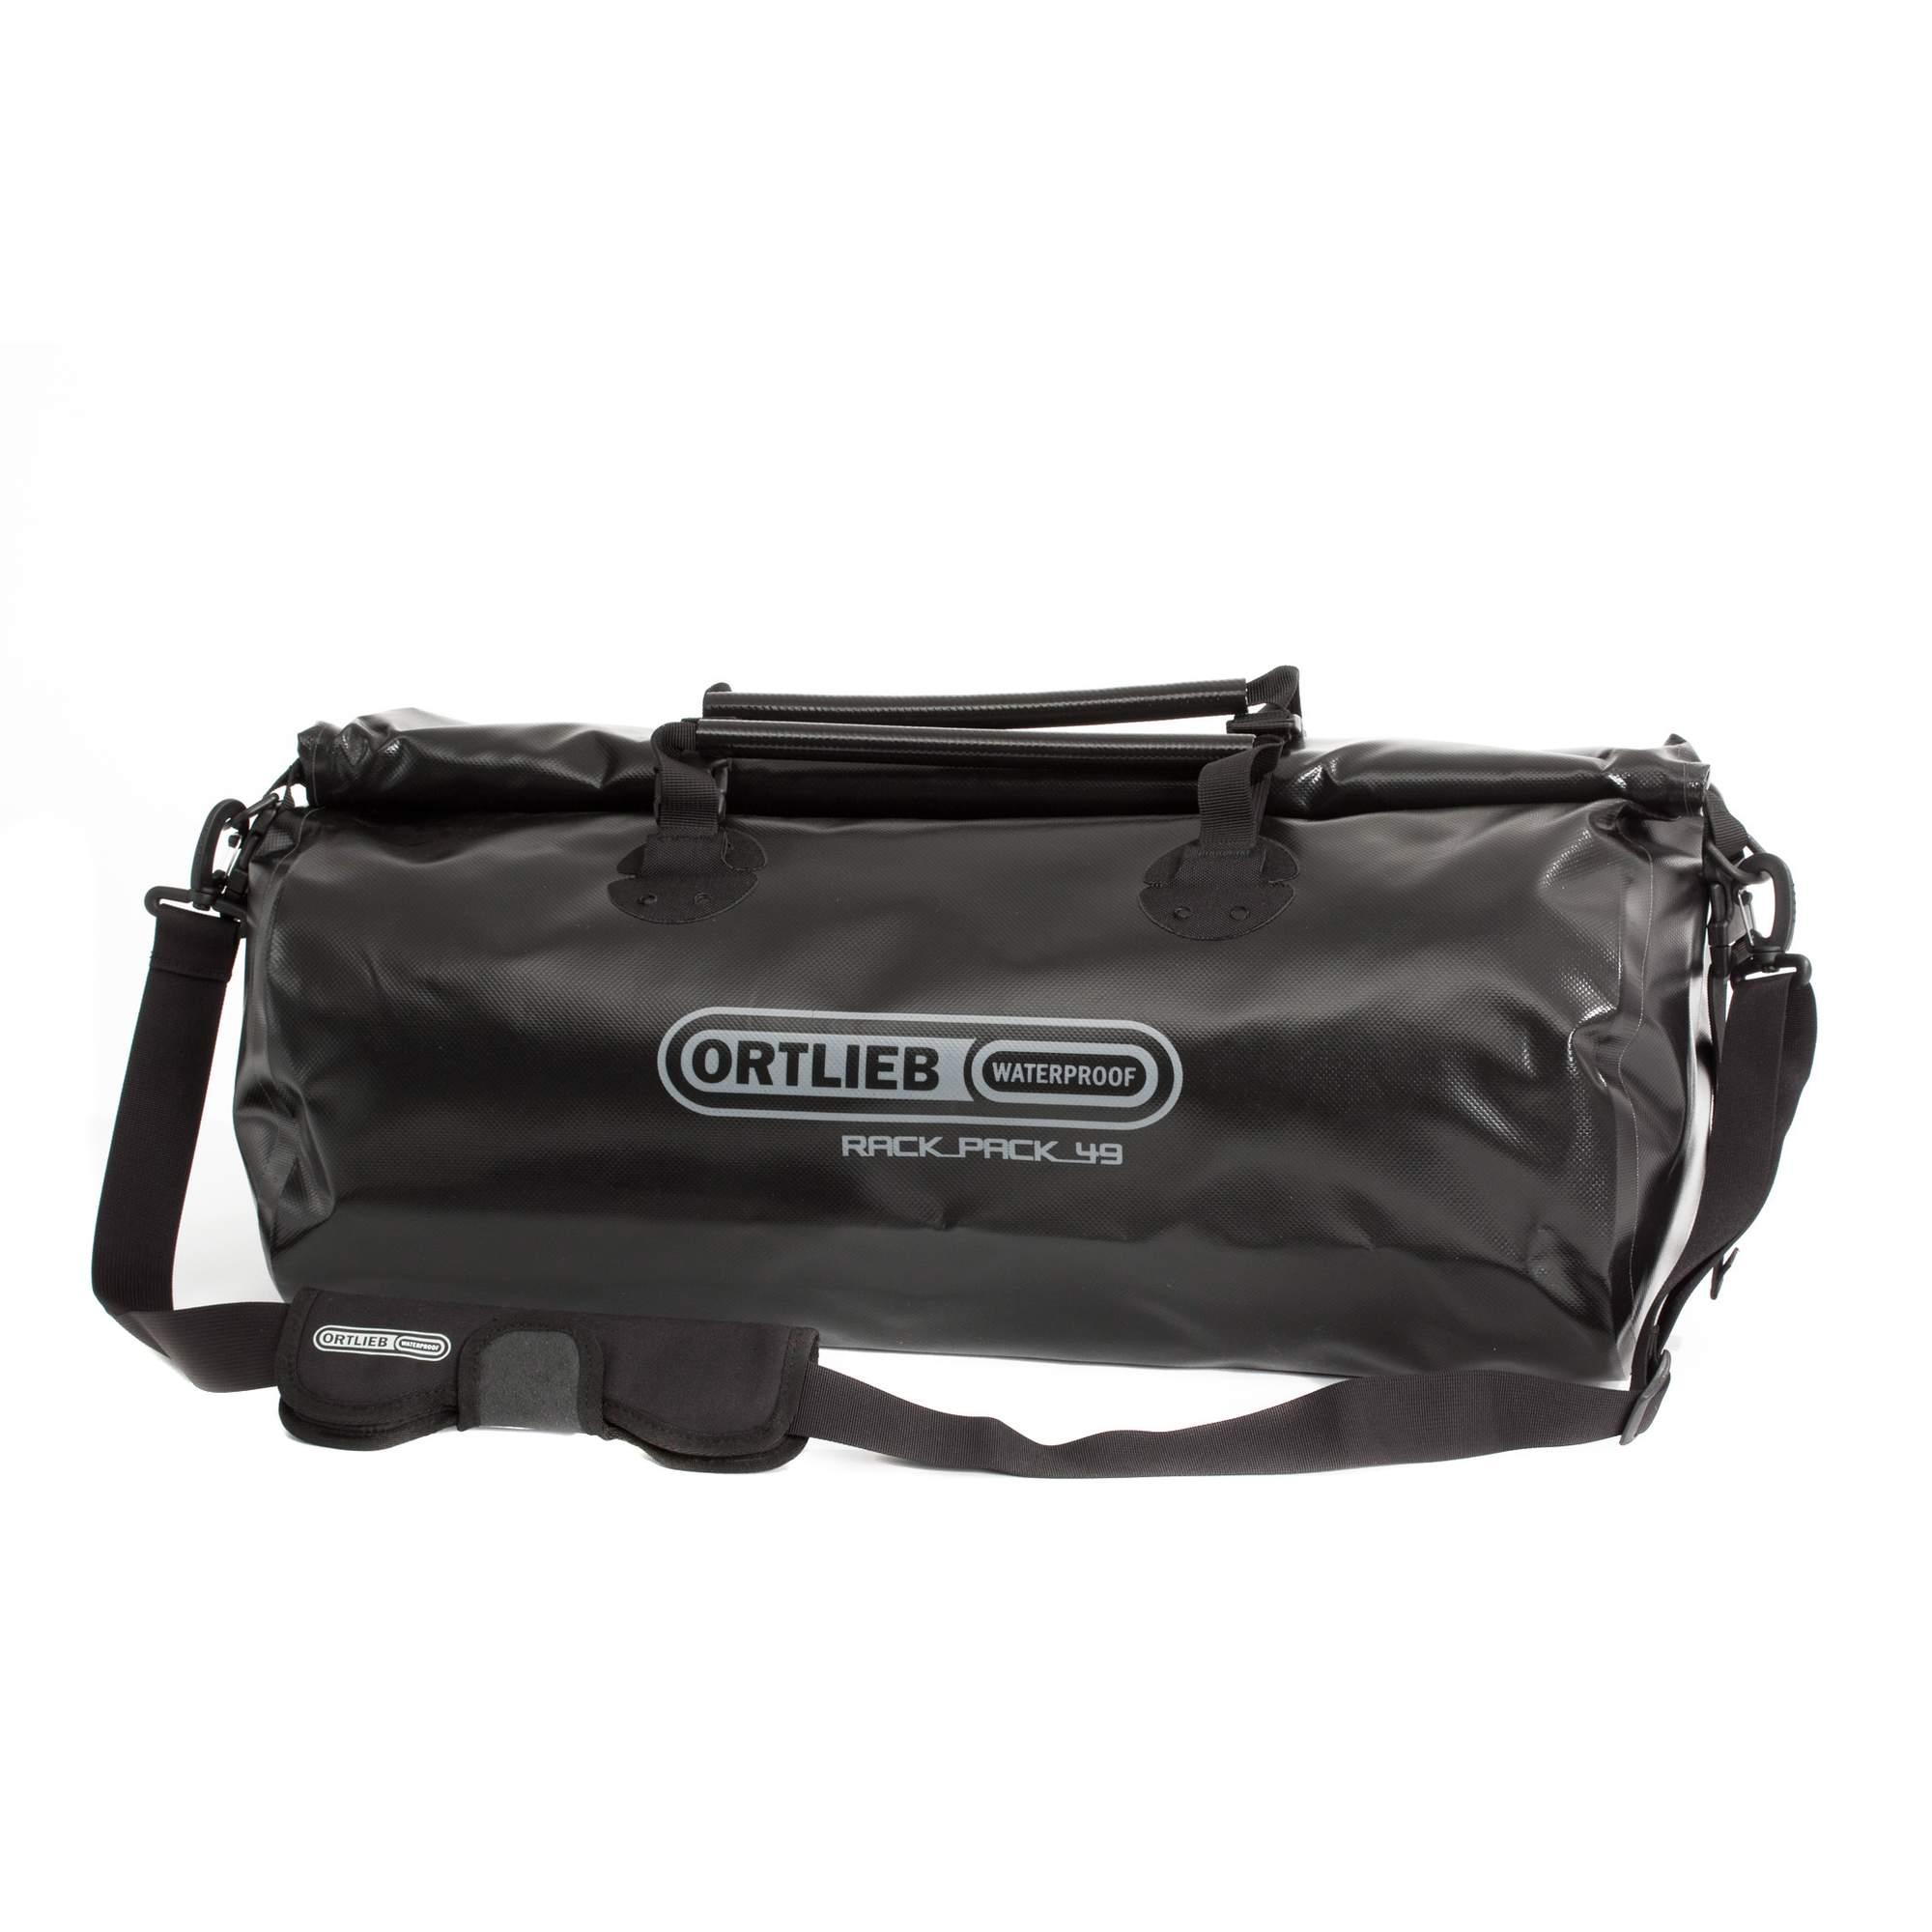 Ortlieb Rack-Pack - Reisetasche - Gr. L - schwarz